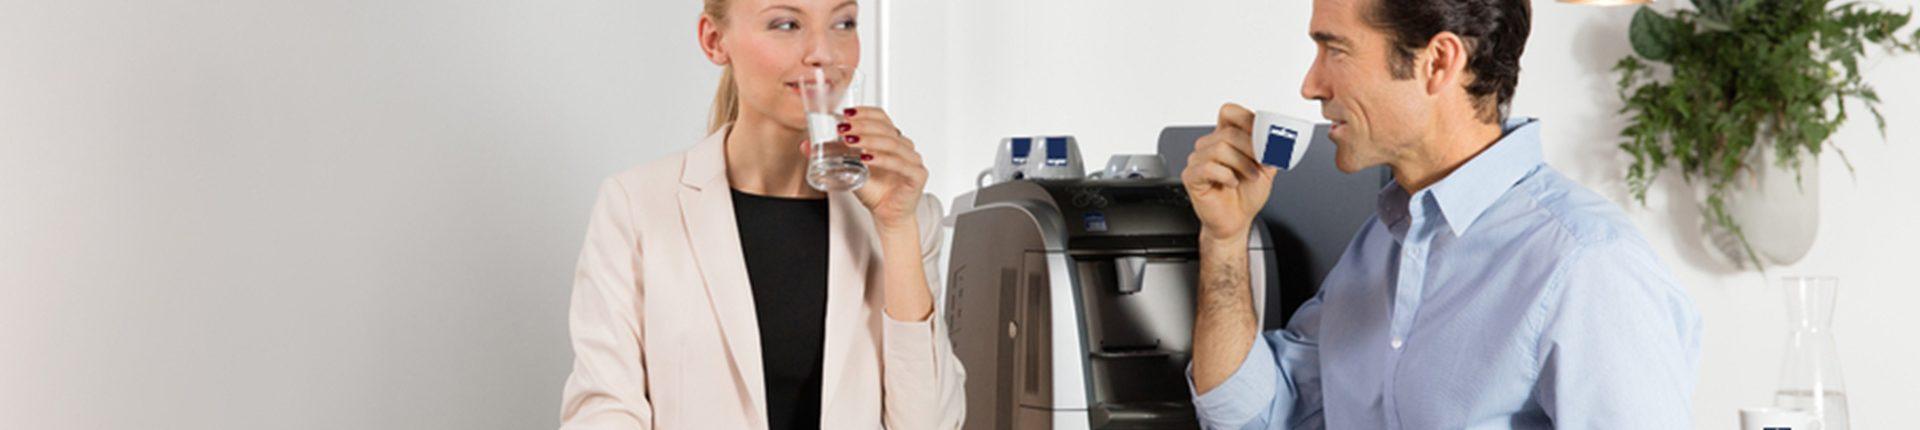 פתרונות קפה לעסקים